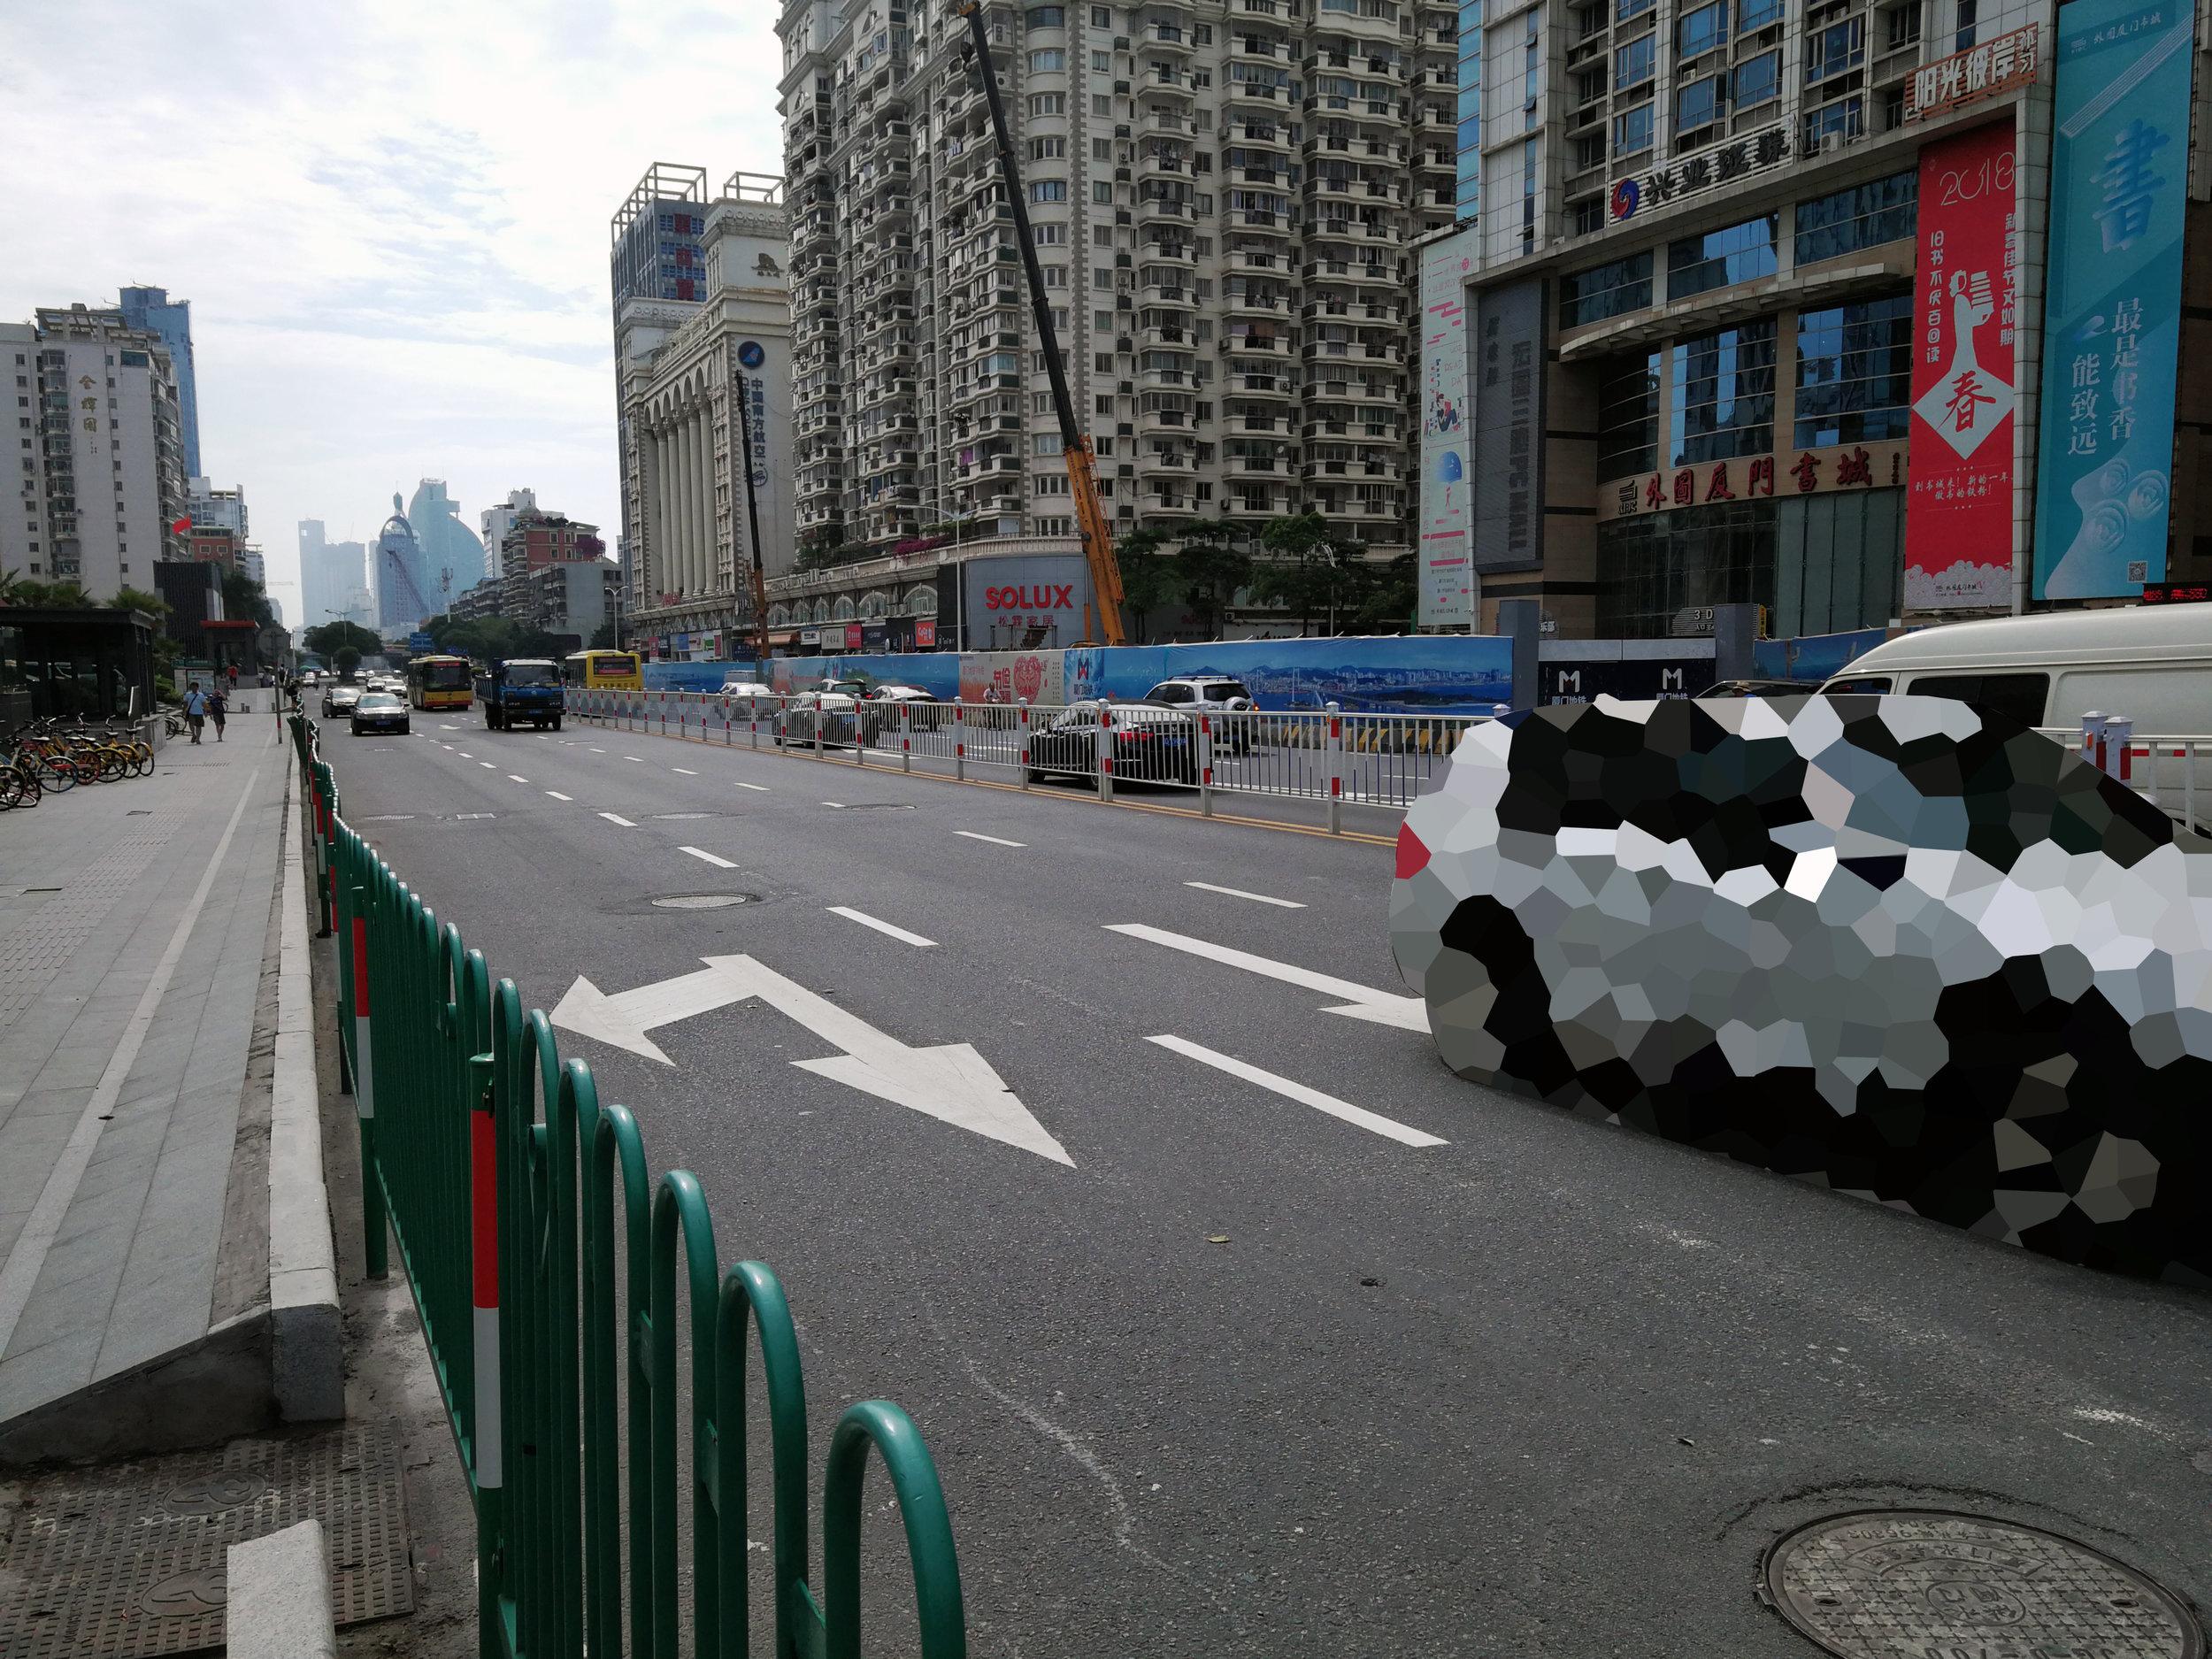 car on street pixalated.jpg